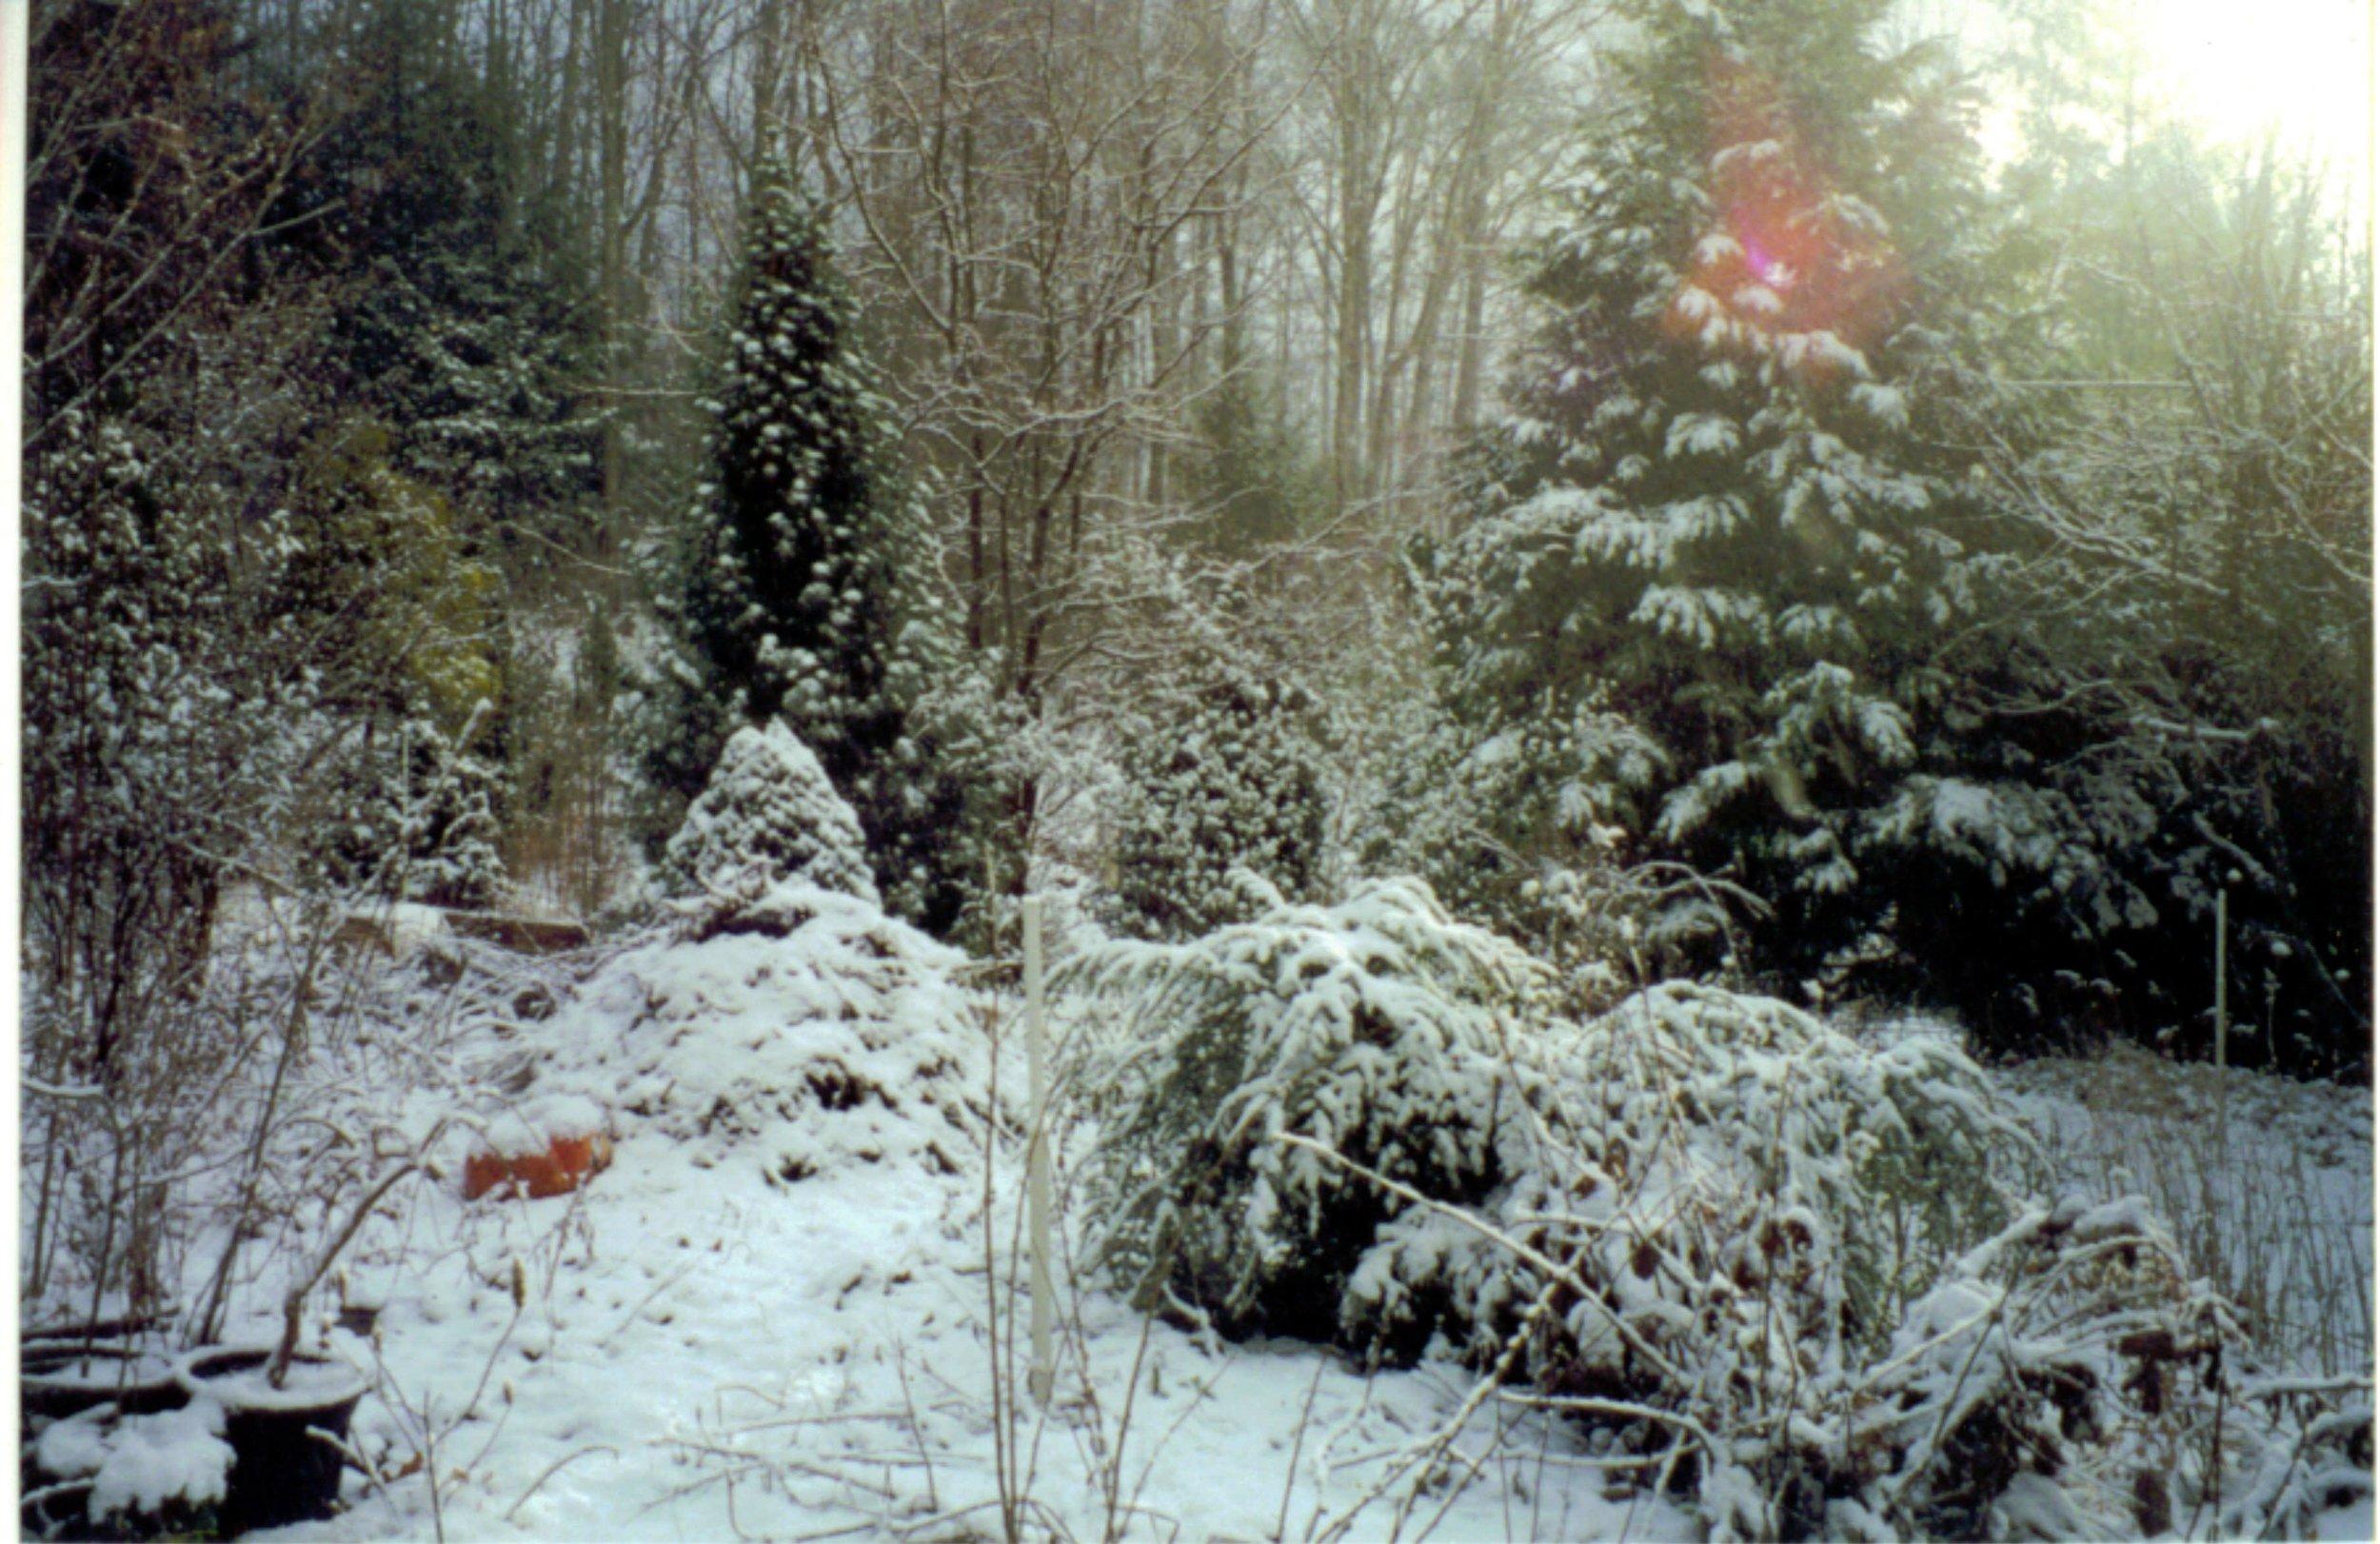 1995 snow scene.JPG